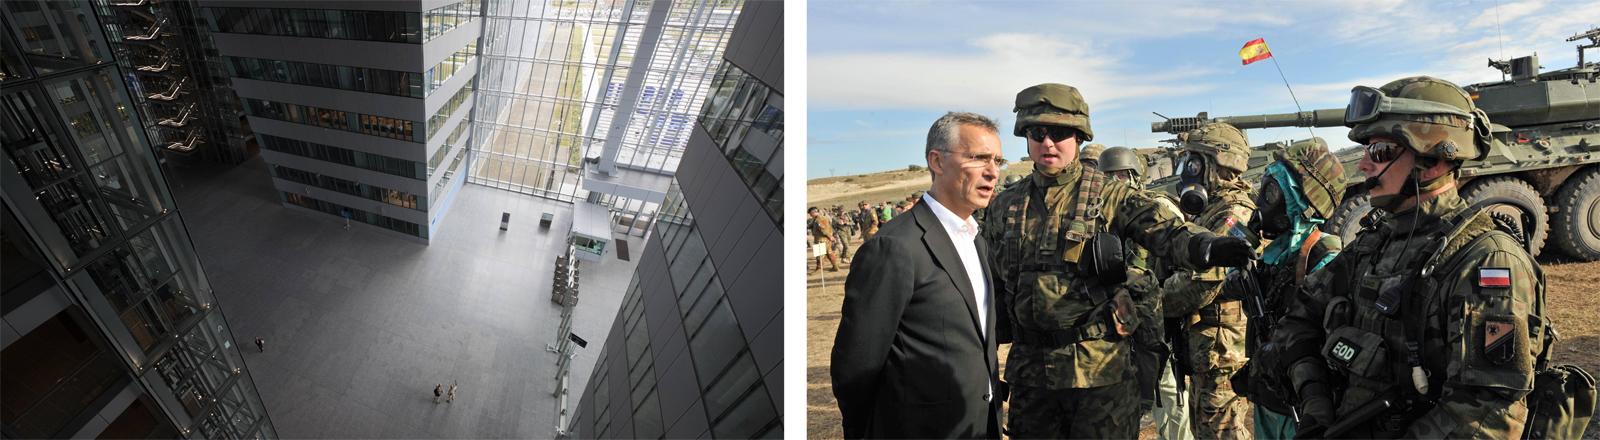 Das neue Nato-Hauptquartier in Brüssel und Jens Stoltenberg, Nato-Generalsekretär, während einer Militärübung in Spanien im Jahr 2015